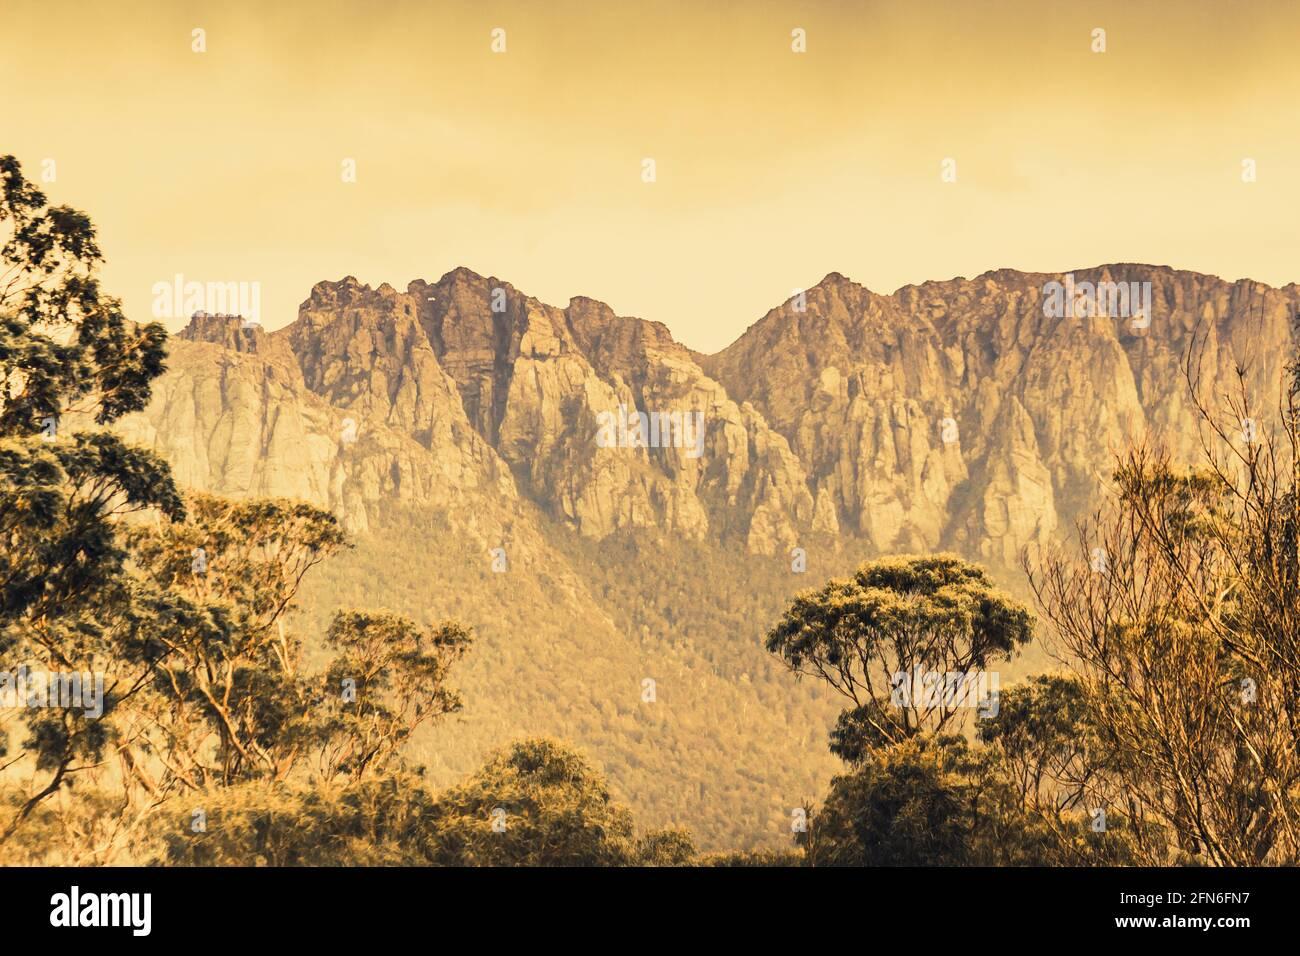 Paisaje de campo vintage de una cordillera dura pero impresionante capturada de una abertura del bosque. Monte Read, Costa Salvaje Oeste de Tasmania Foto de stock